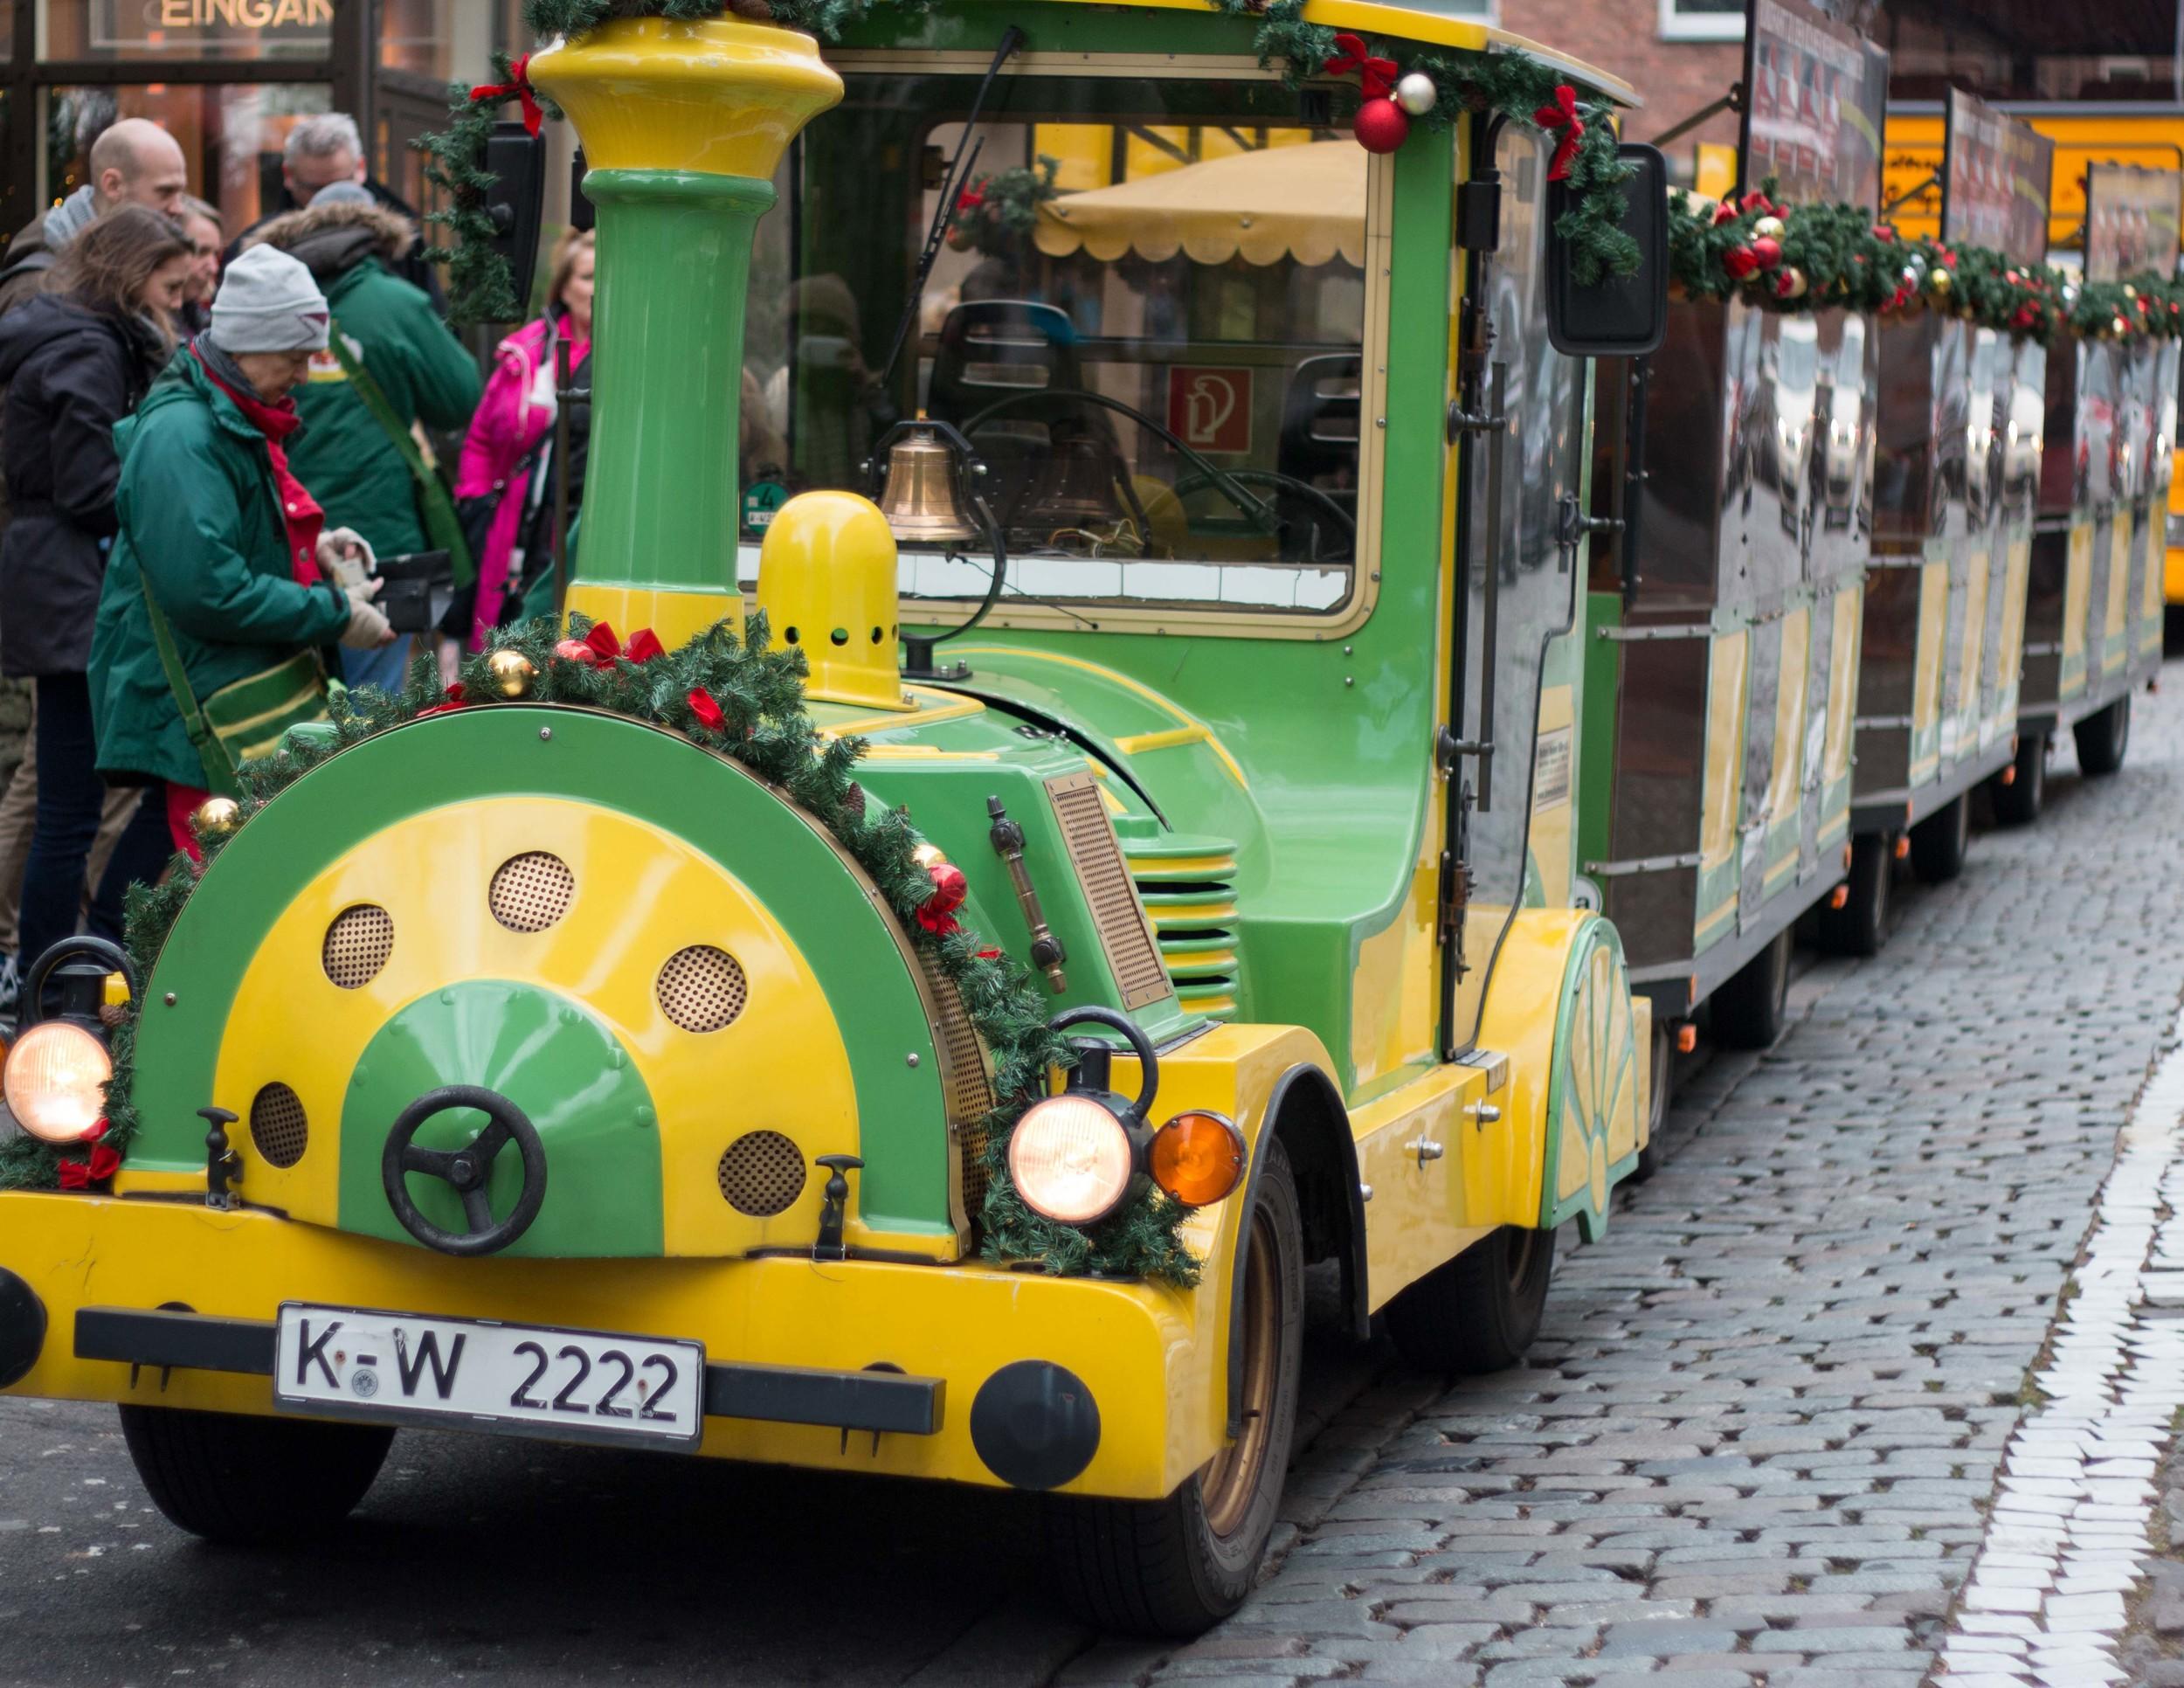 Weihnachtsmarkt tour train